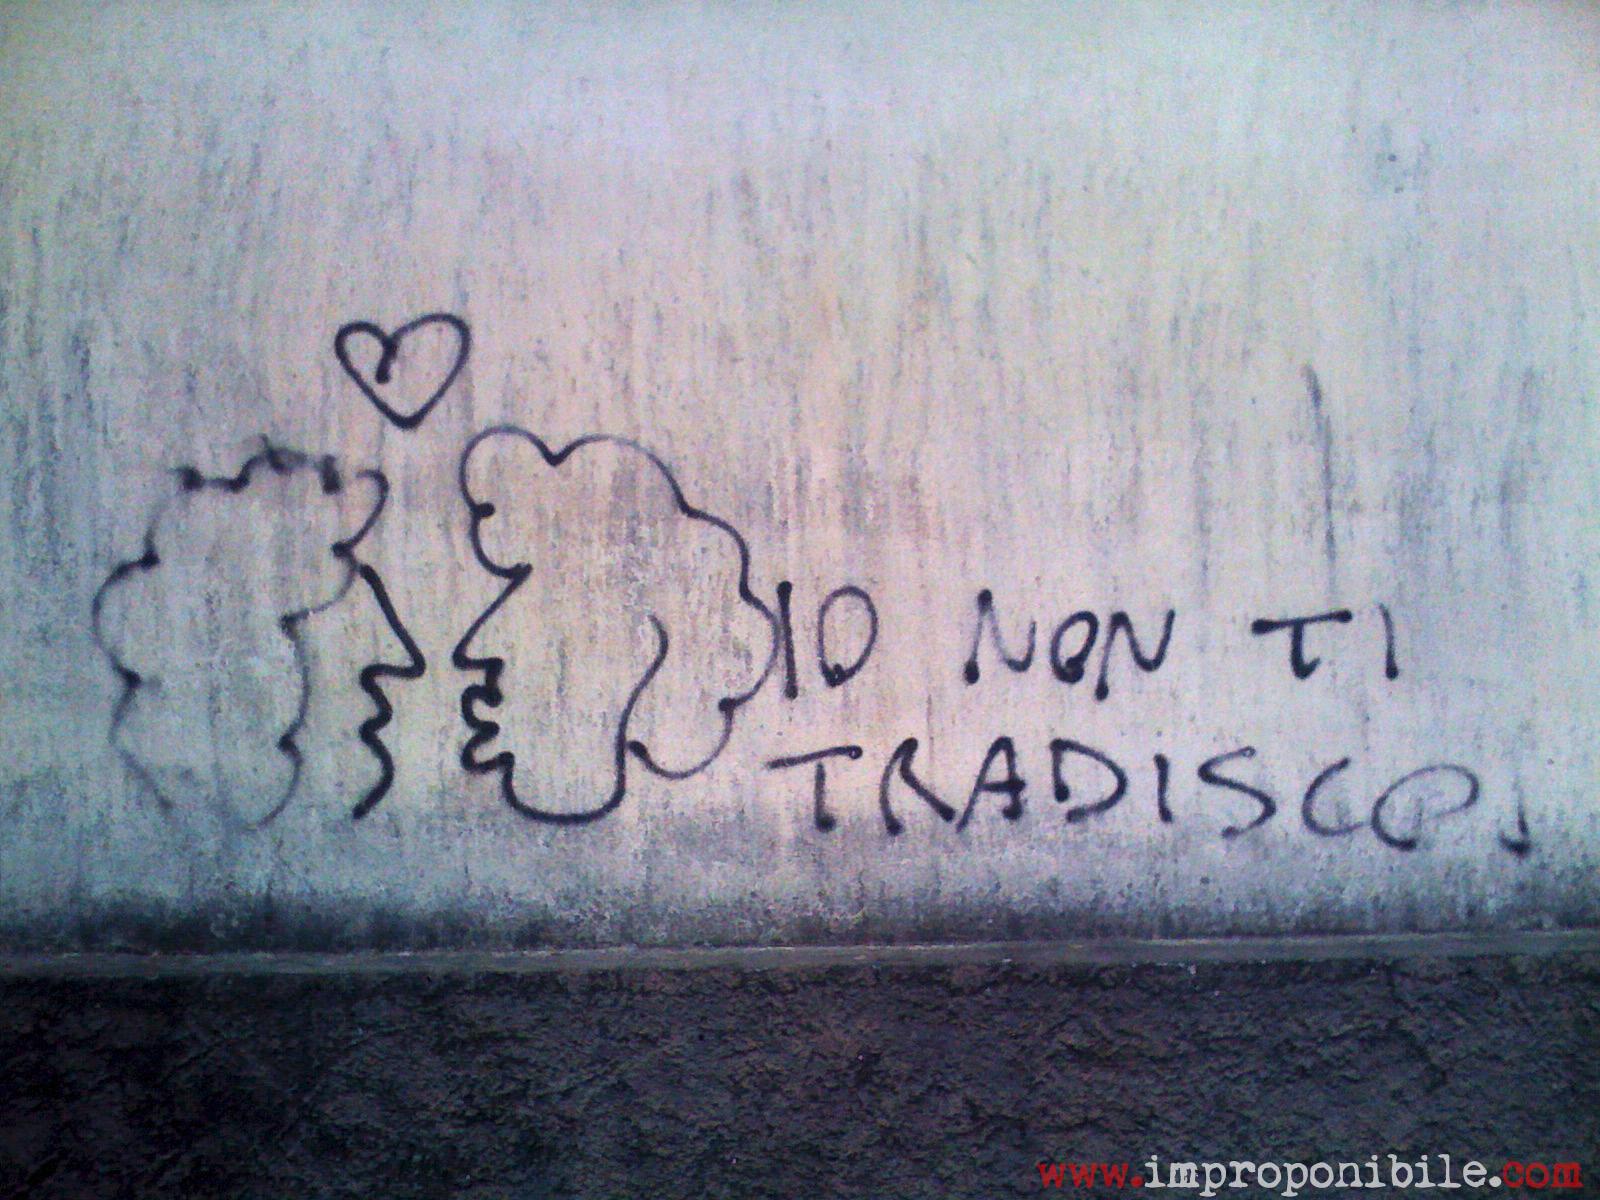 foto inutile amore improponibile